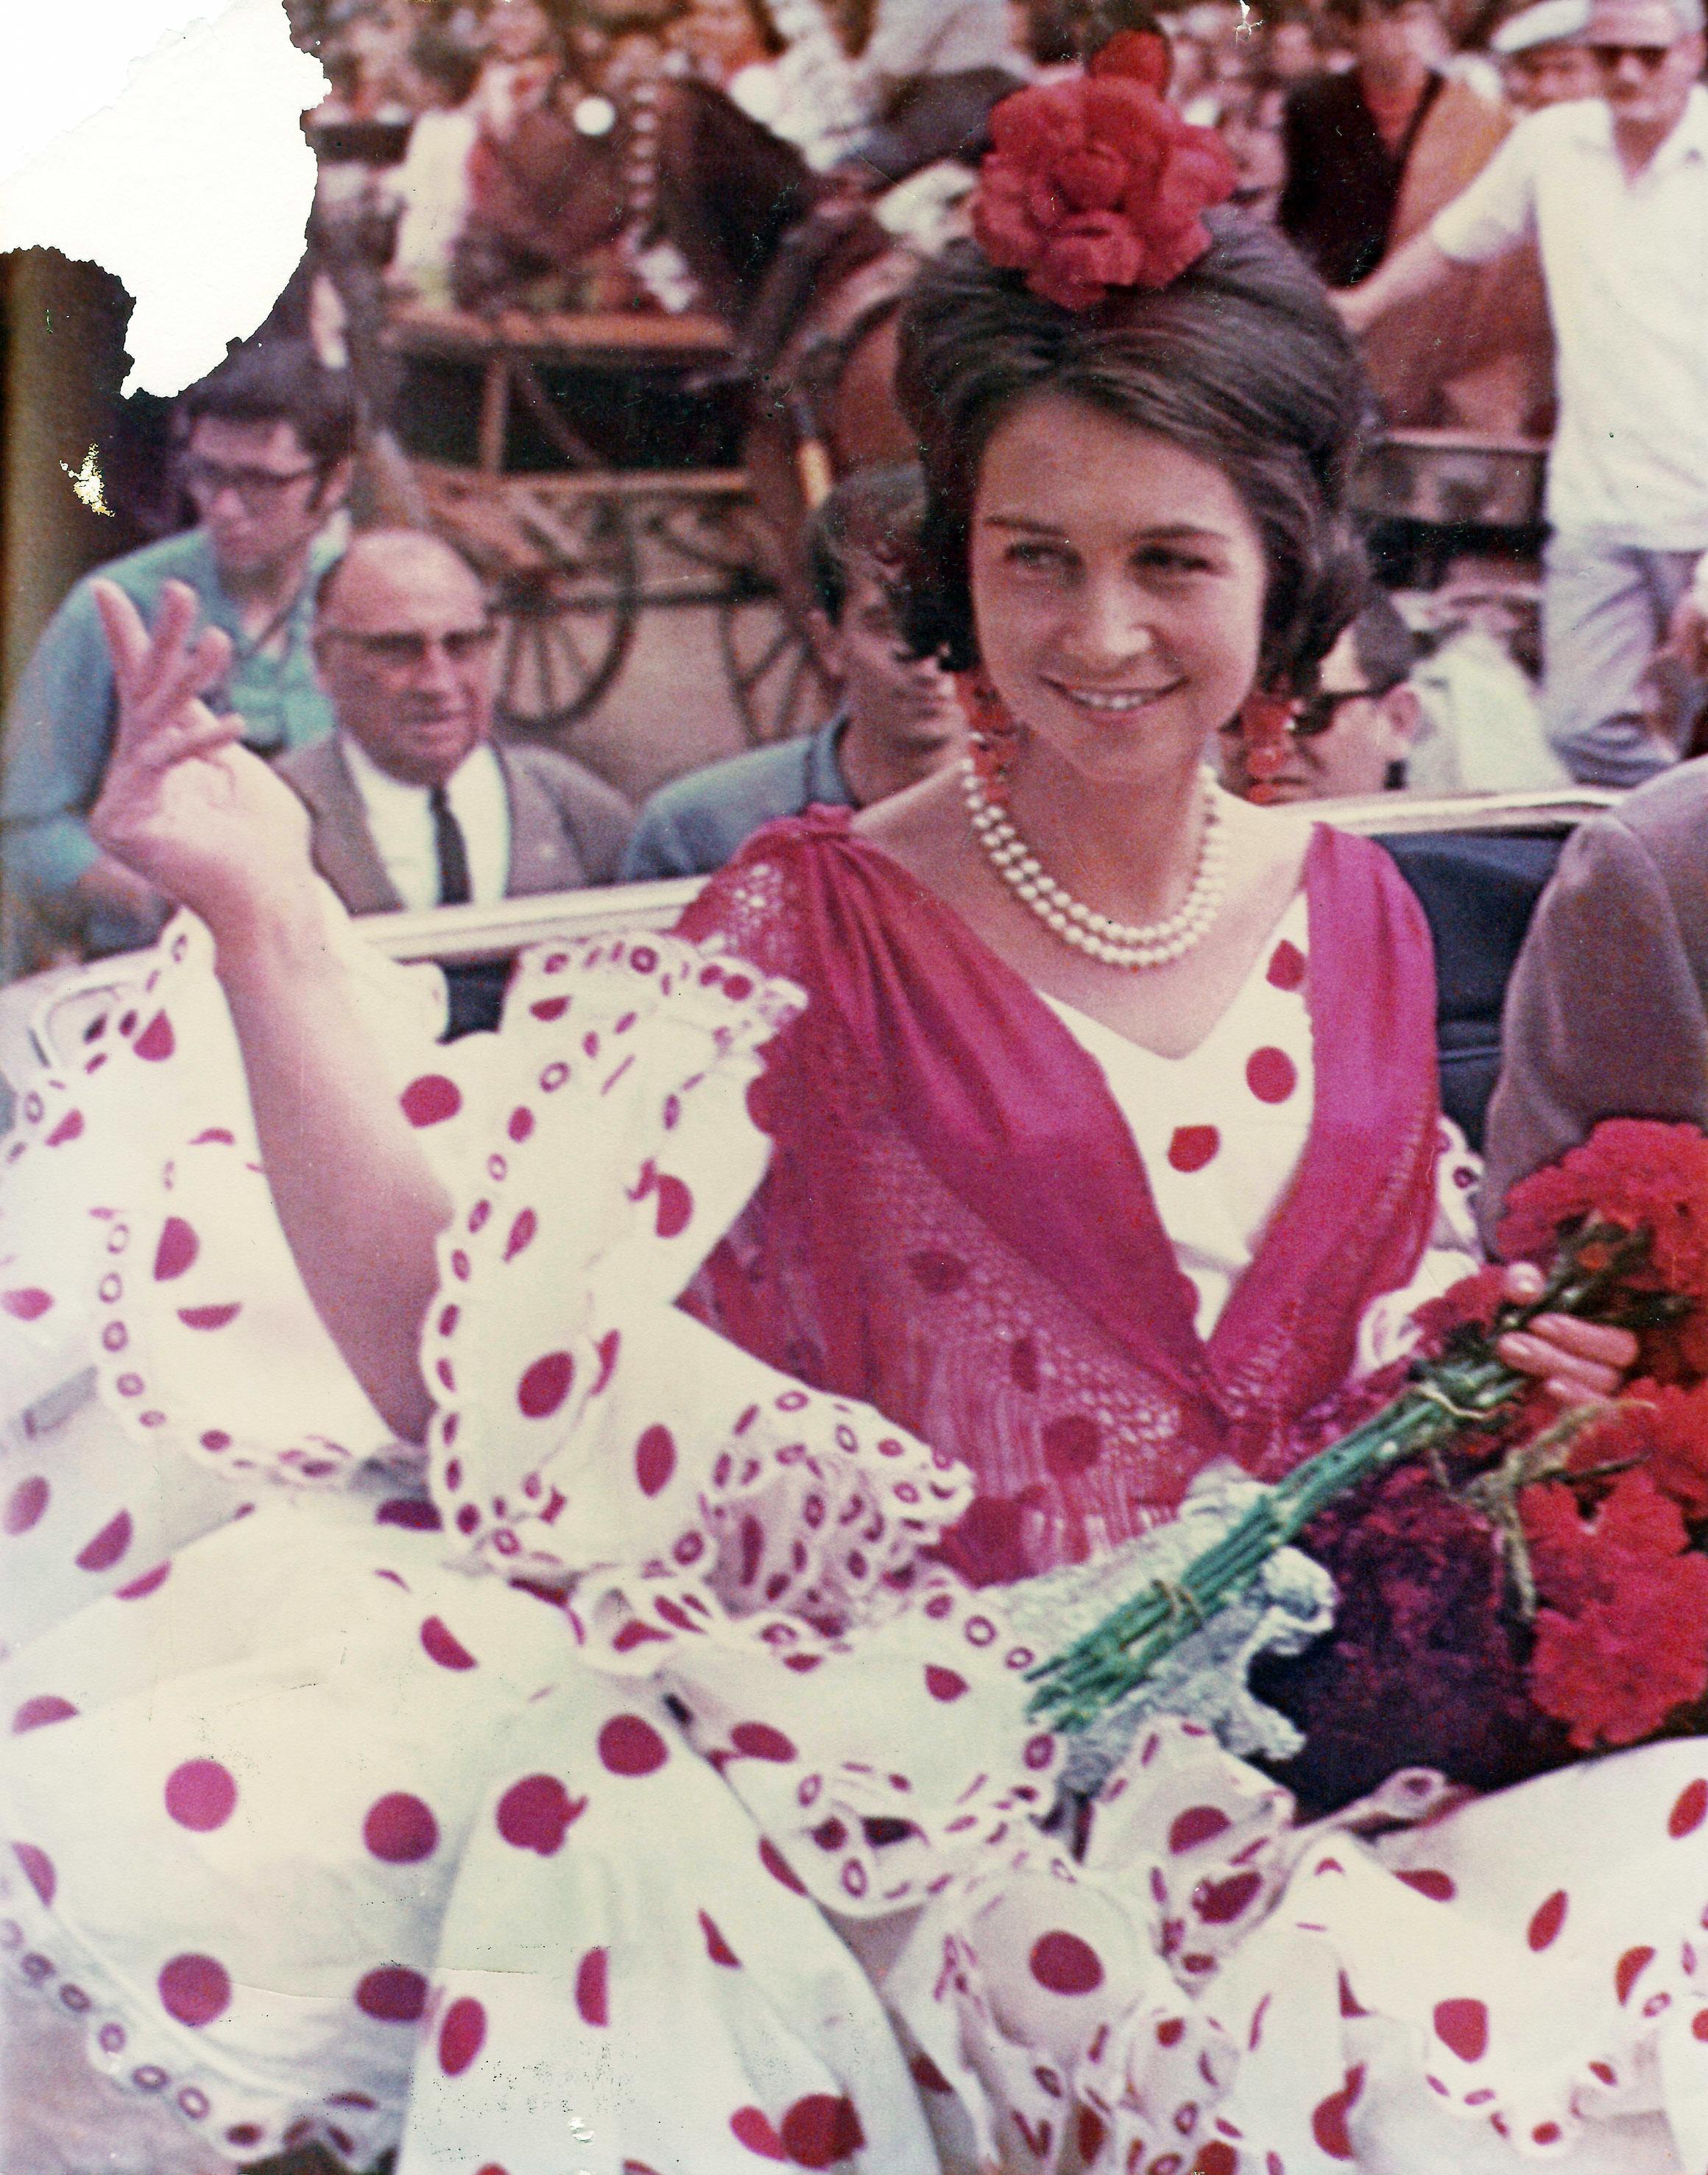 Doña Sofía en la Feria de Sevilla de 1968, con un traje de flamenca diseñado por Lina.